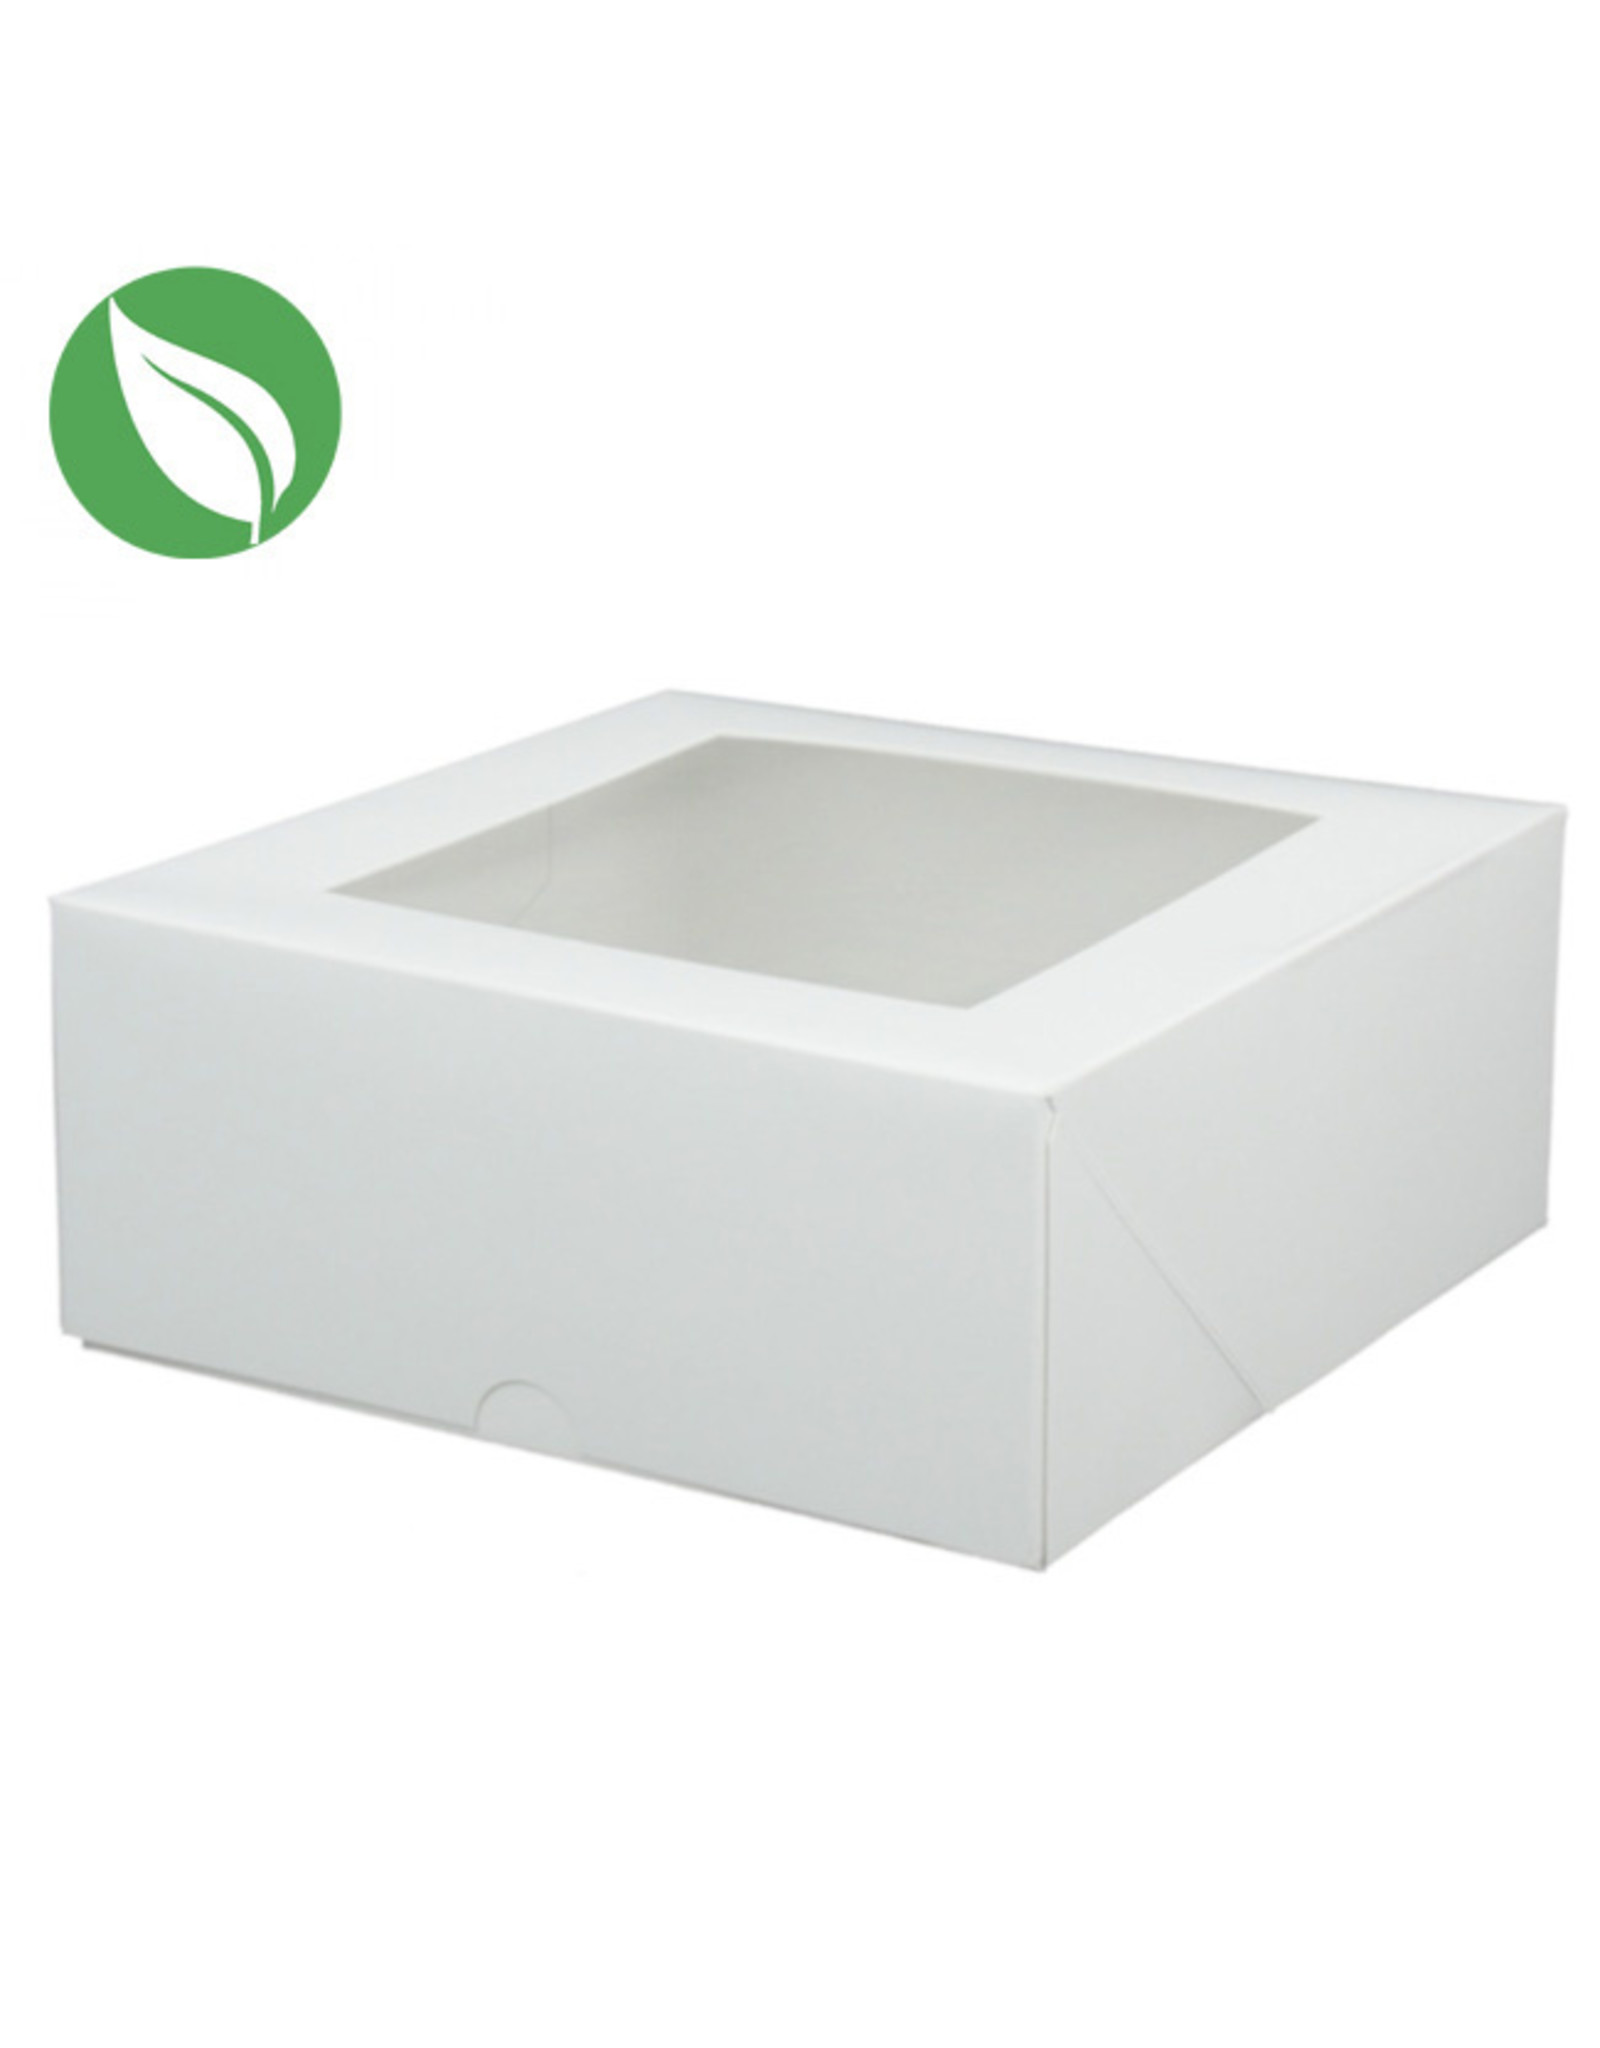 Biodegradable box - 18 x 18 x 7,5 cm (per 50 pieces)